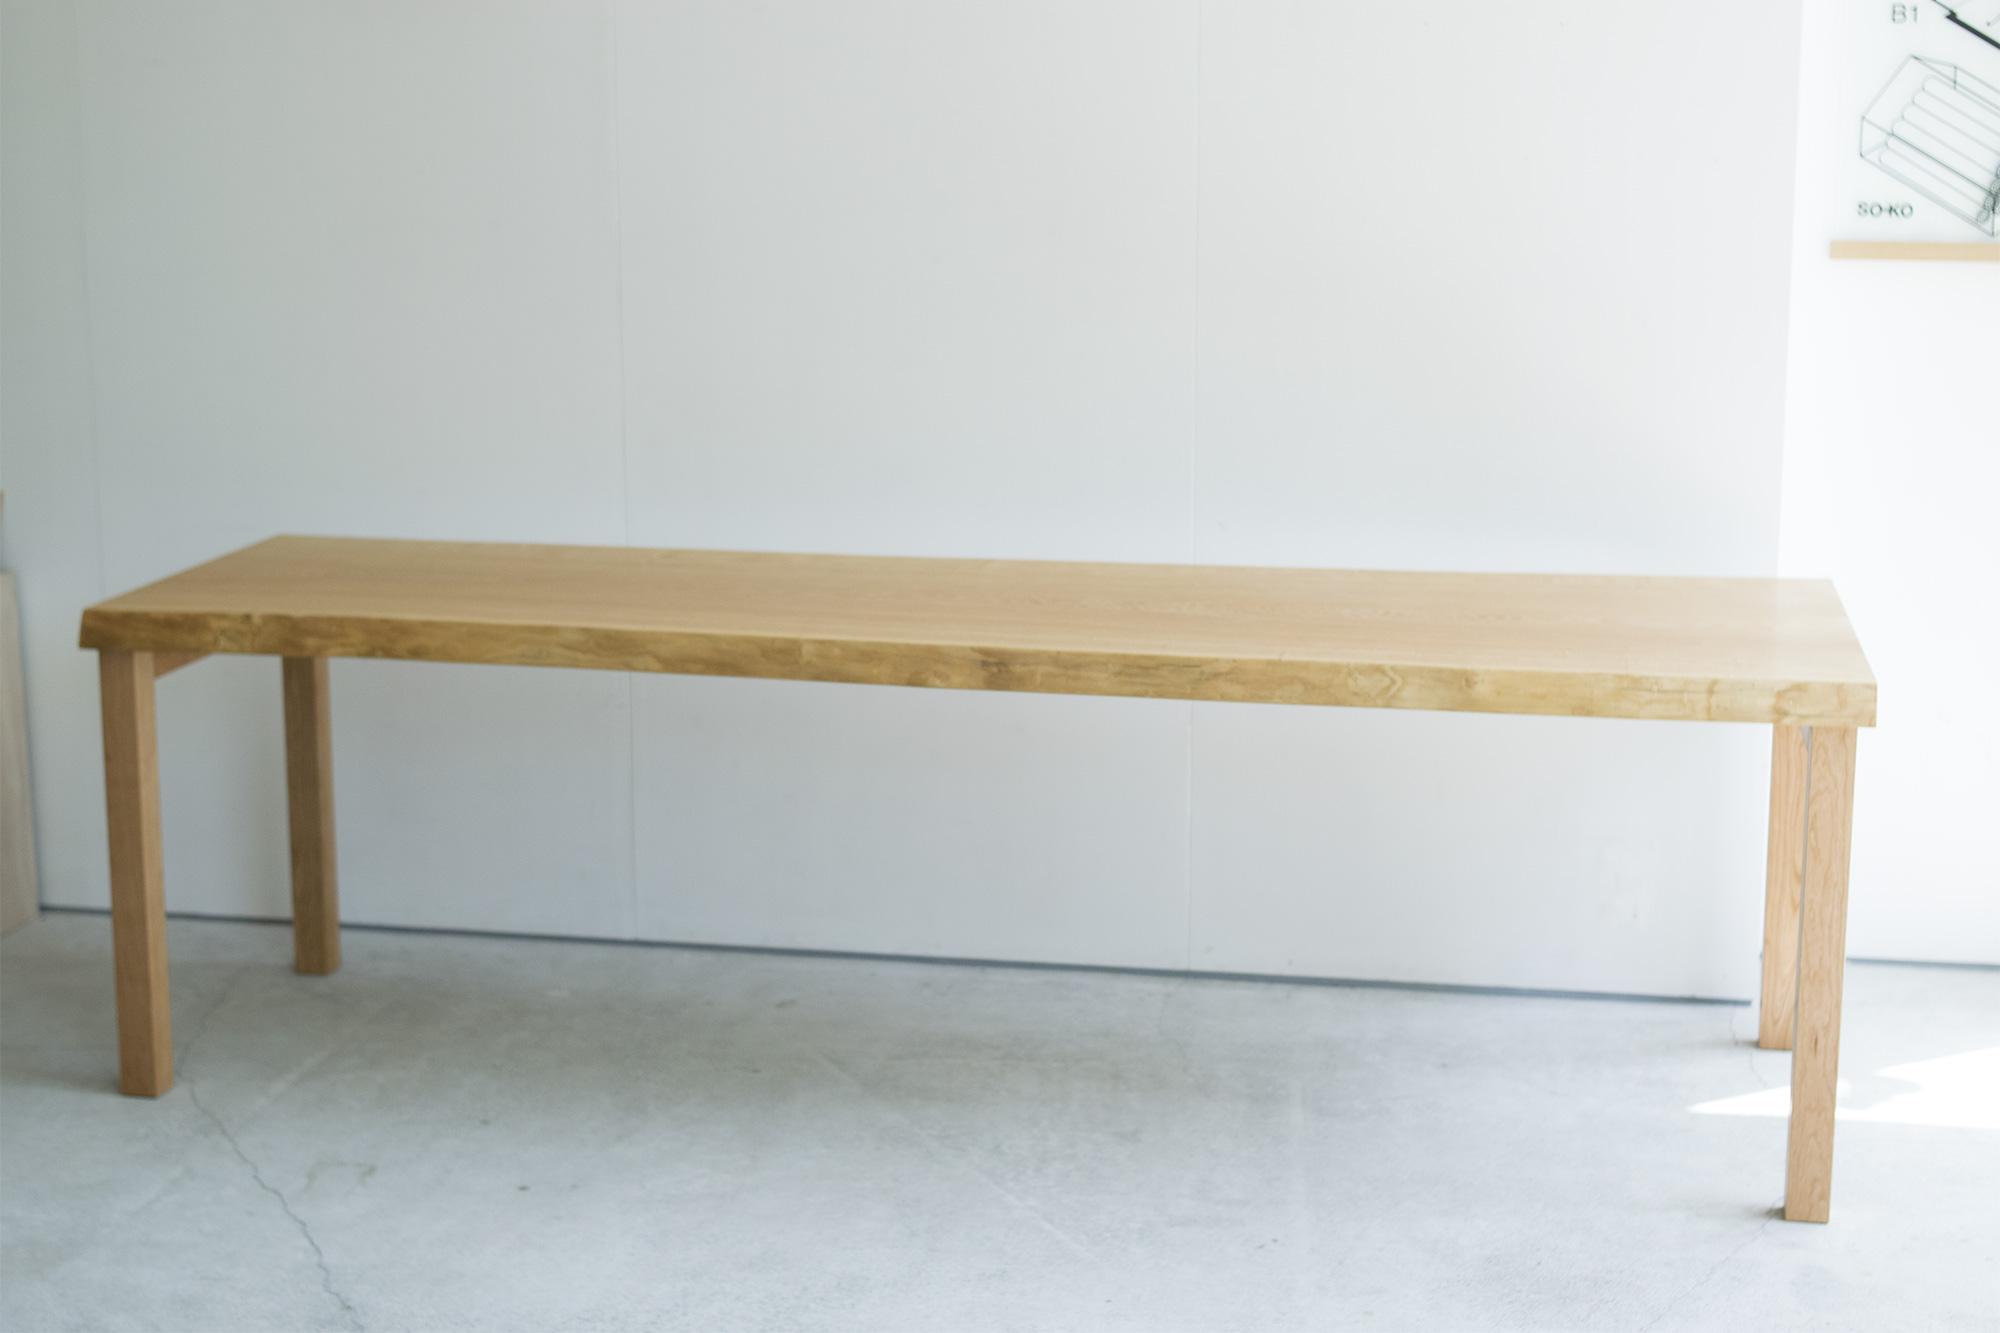 タモ一枚板天板 ダイニングテーブル